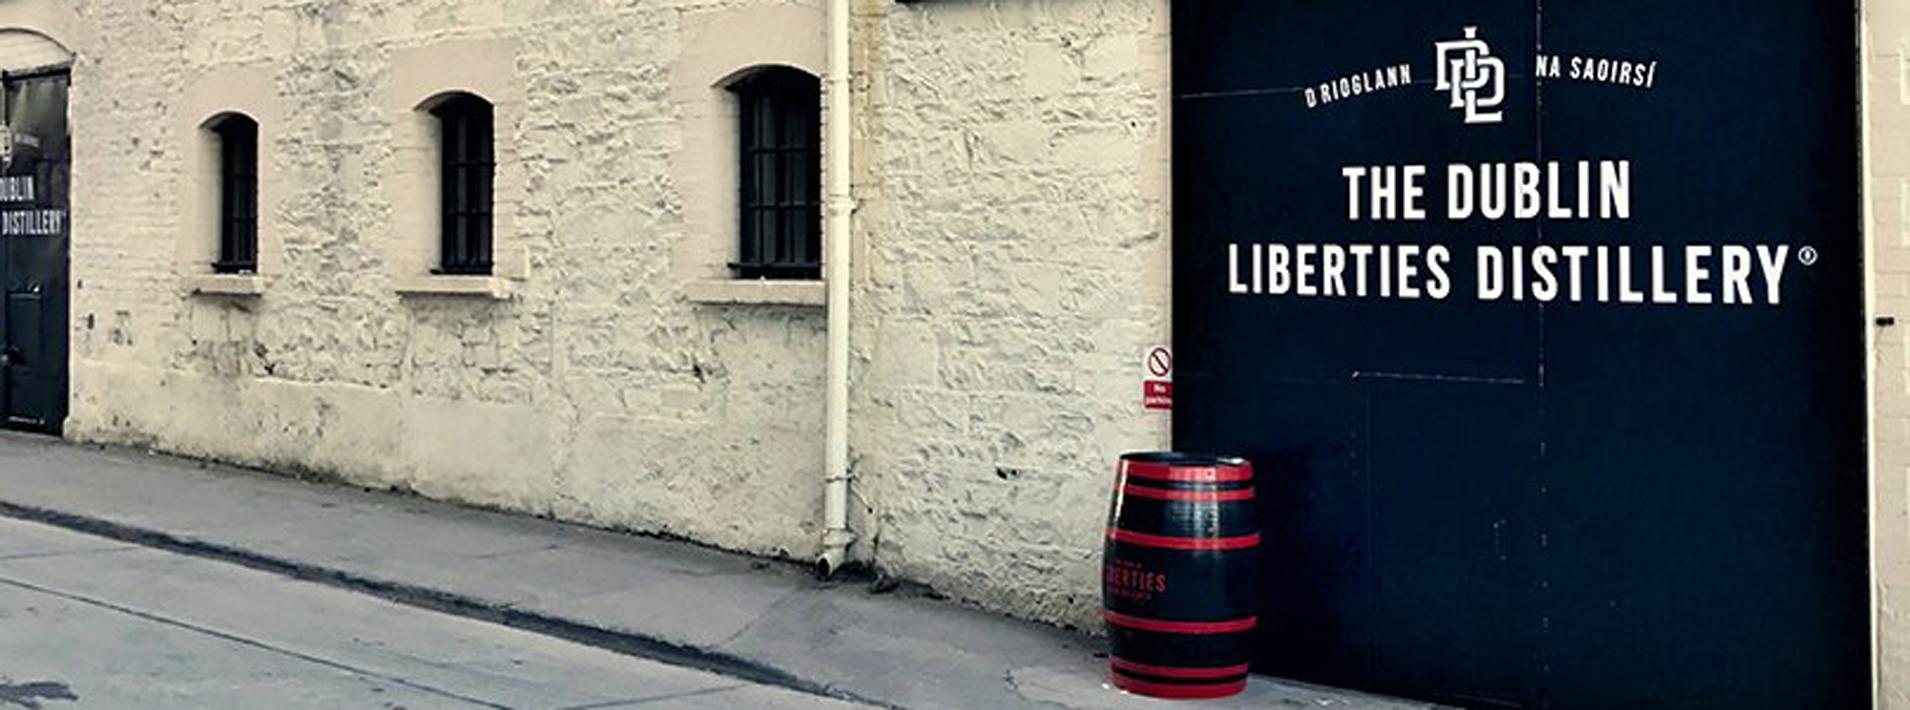 Image of Master Distillery Darryl McNally, The Dublin Liberties Distillery